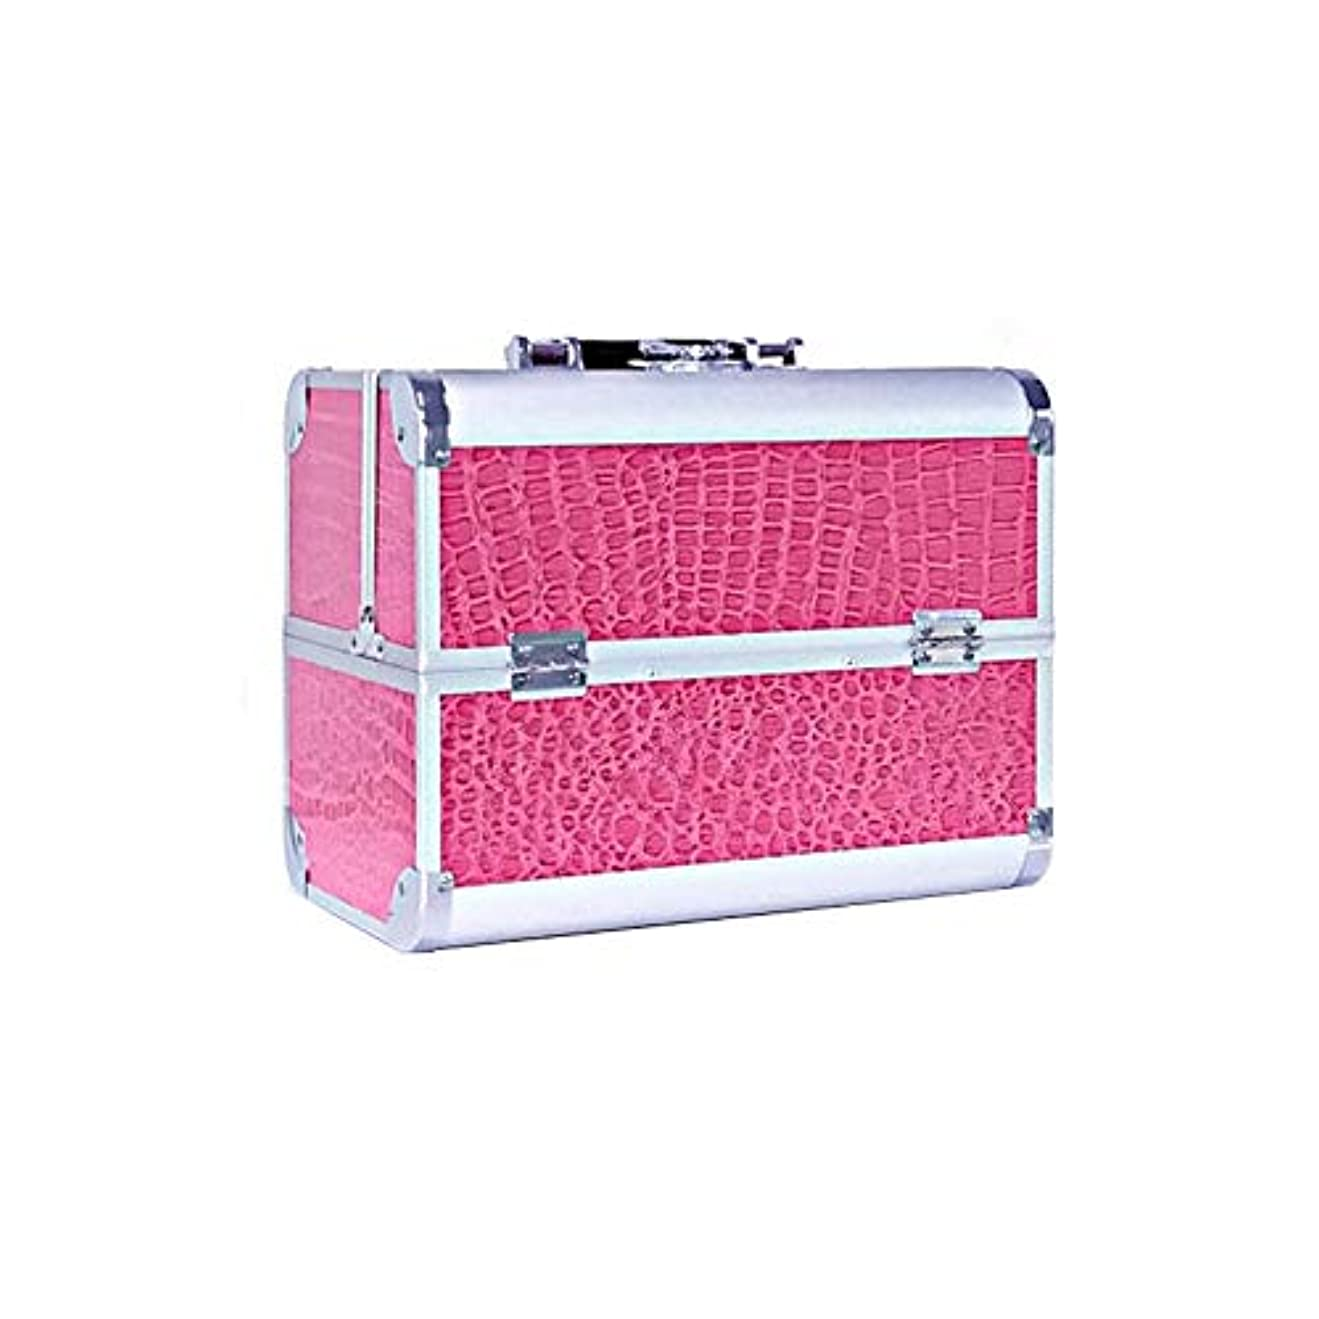 アンケート代表して反対するメイクボックス プロ用 コスメボックス 化粧品箱 大容量 鍵付き ハンドル付き 持ち運び便利 ピンク アウトドア撮影 11色 機能的 収納 防水 アミル 美容師